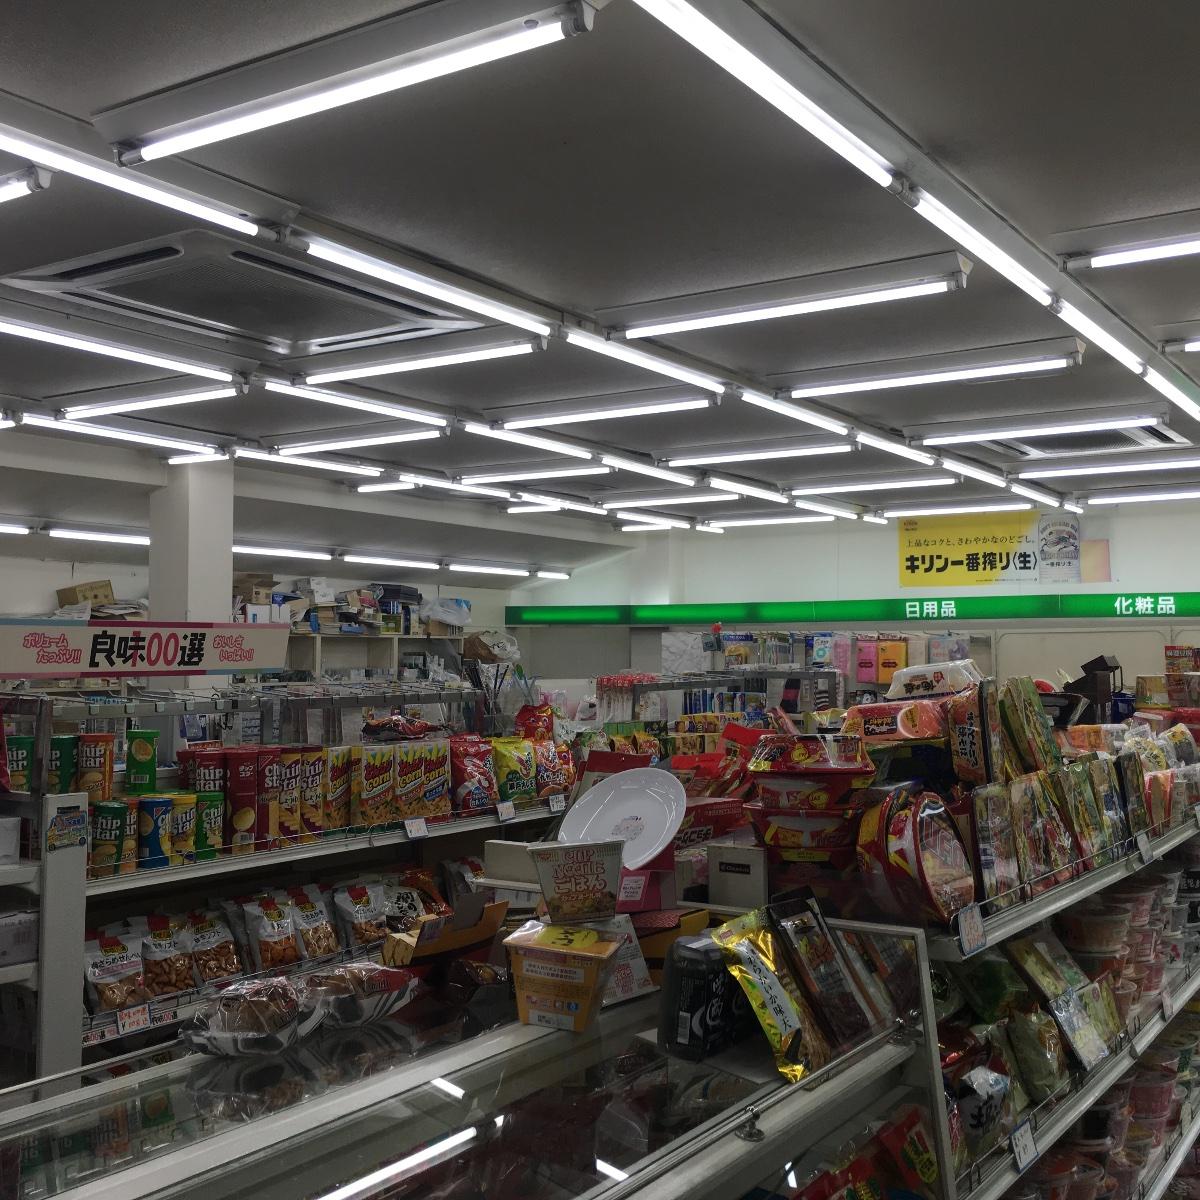 神戸市 石田鶏卵株式会社 小売店